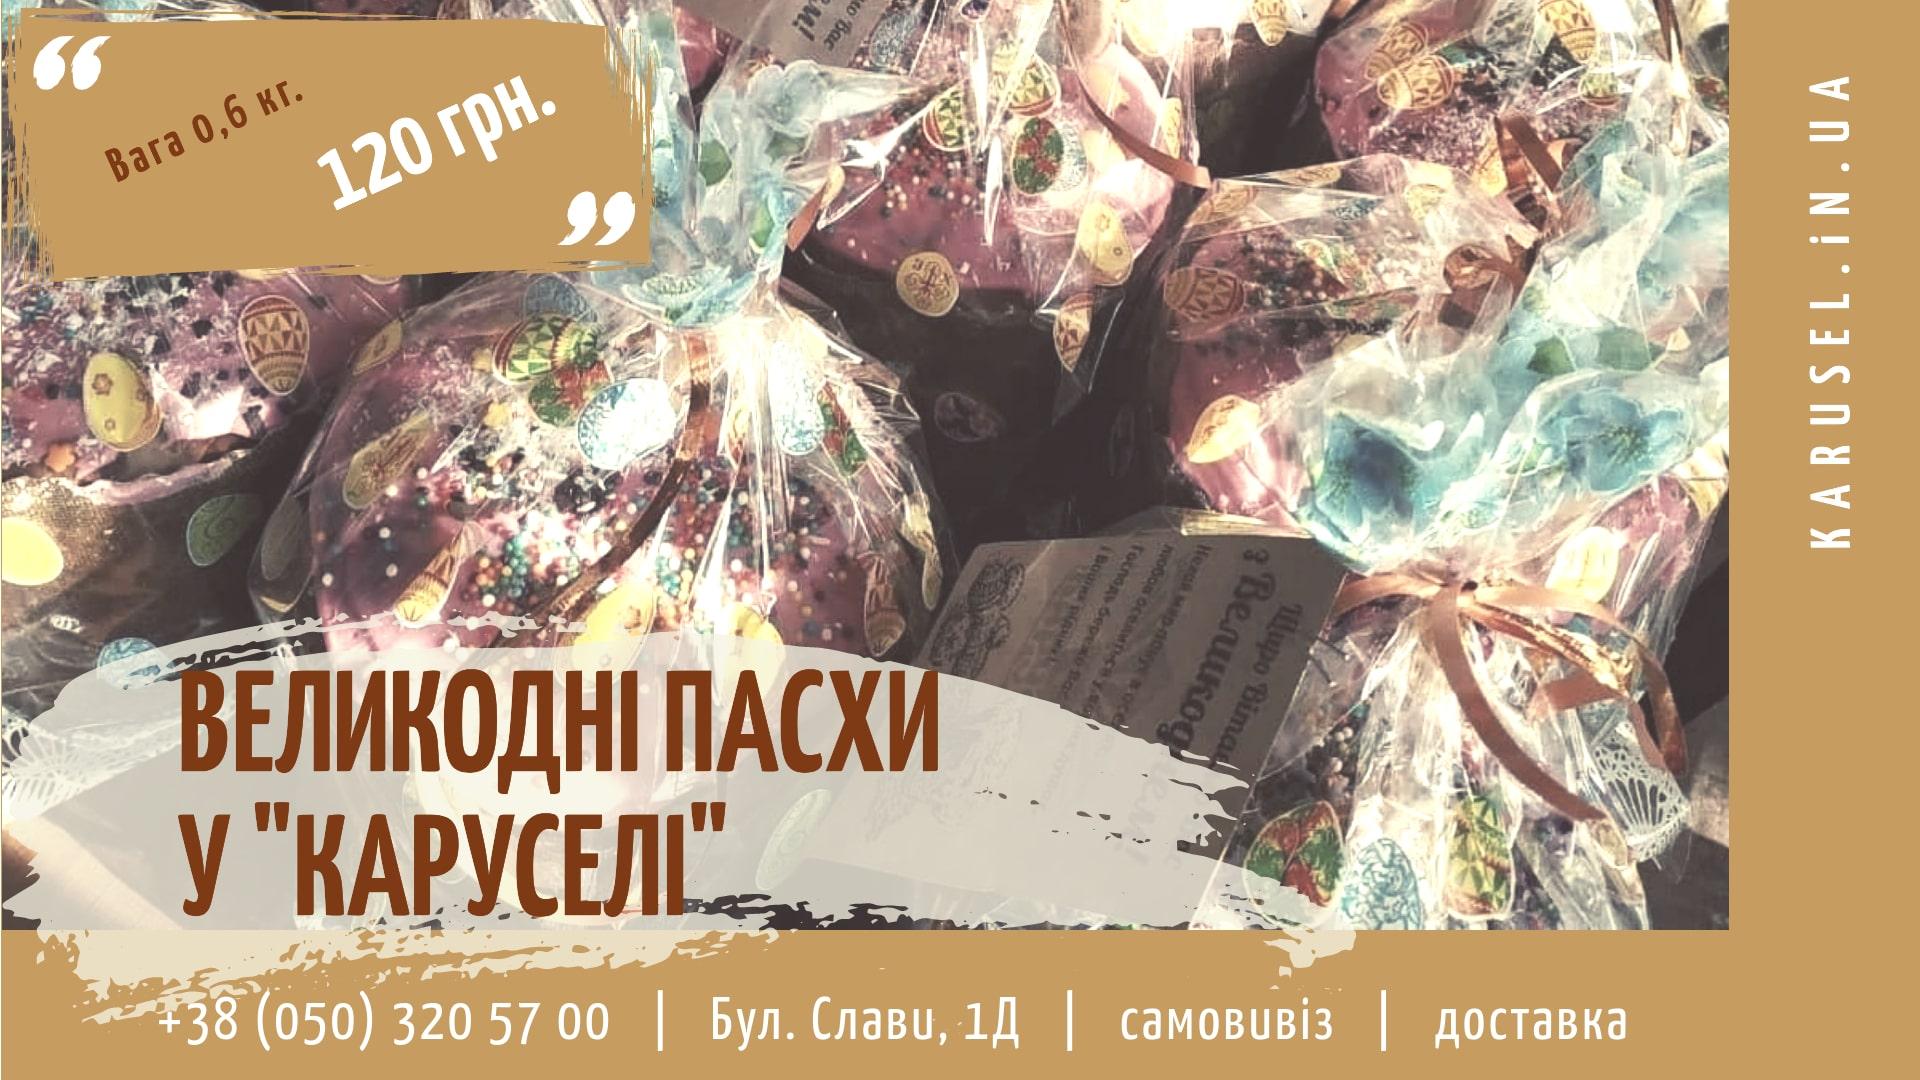 Великодні пасхи дніпро